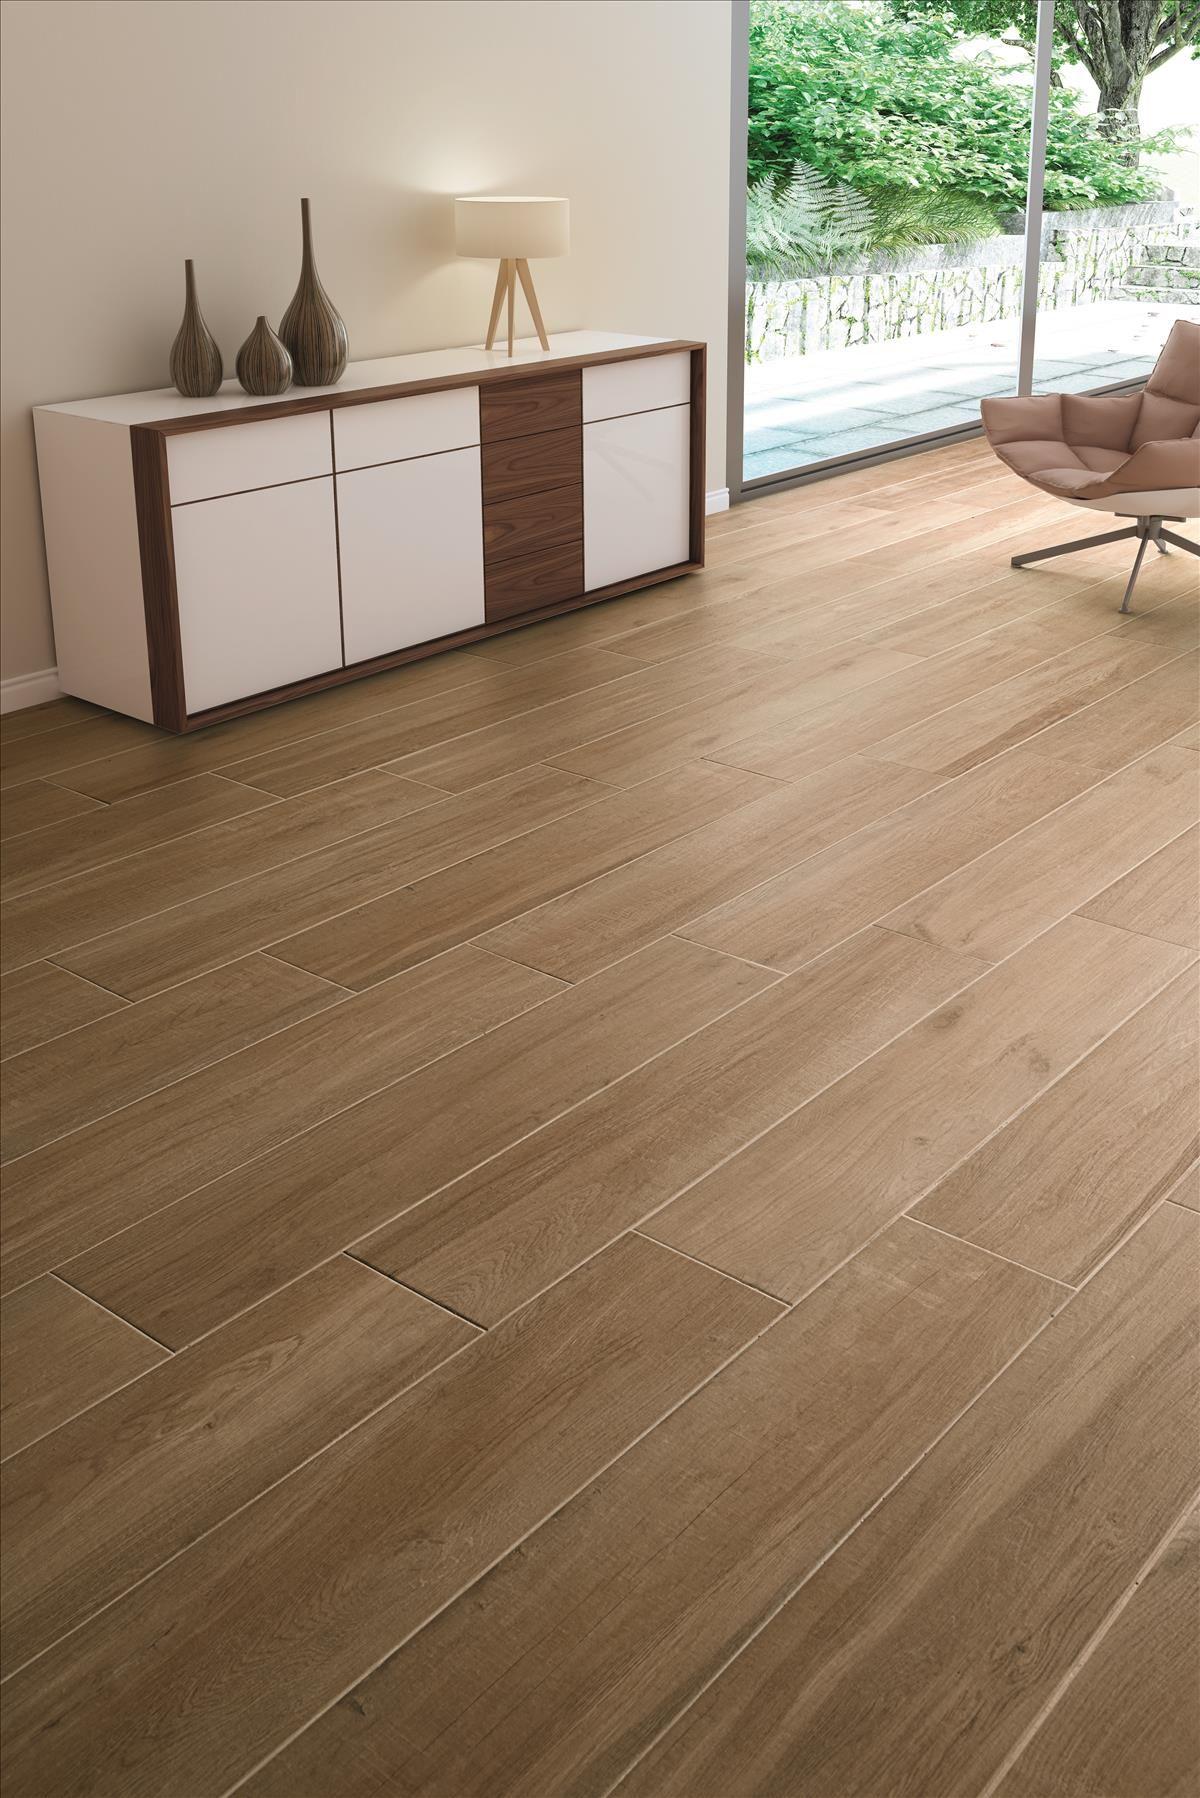 Pavimento imitaci n madera terk natural 1 23x120 for Salones para pisos